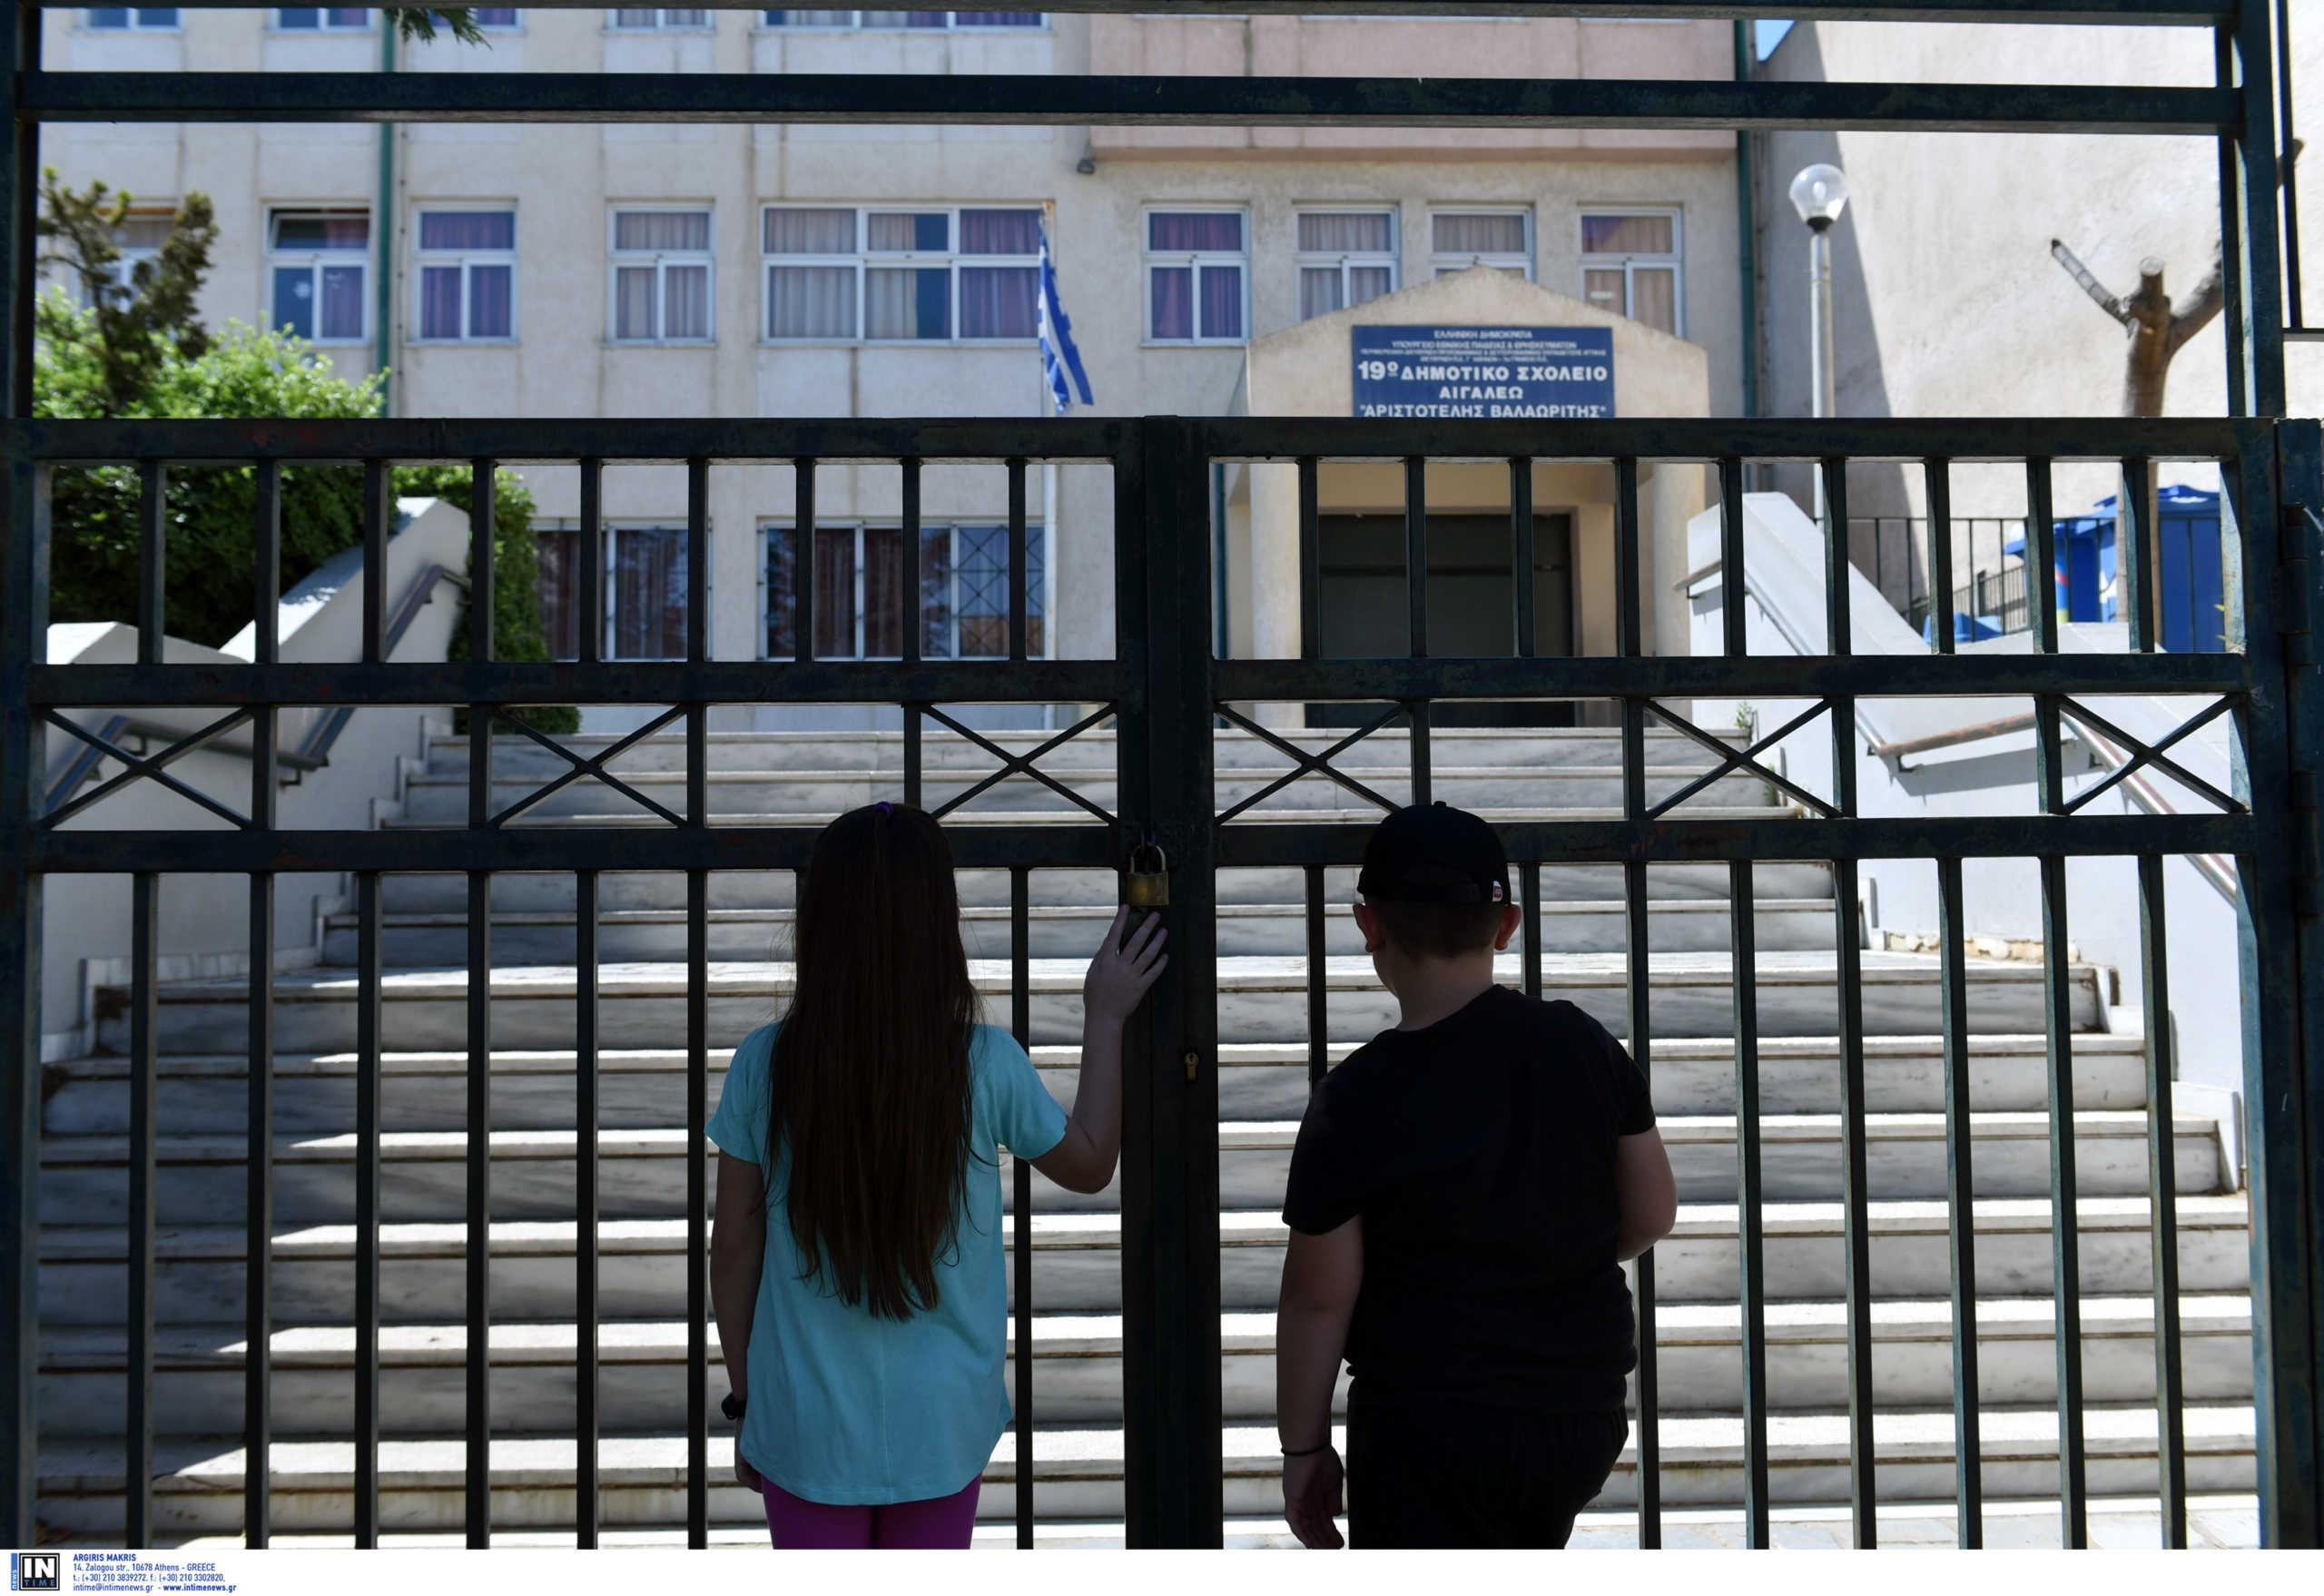 Δεν ανοίγουν τα σχολεία στη Σητεία λόγω της έξαρσης του κορονοϊού